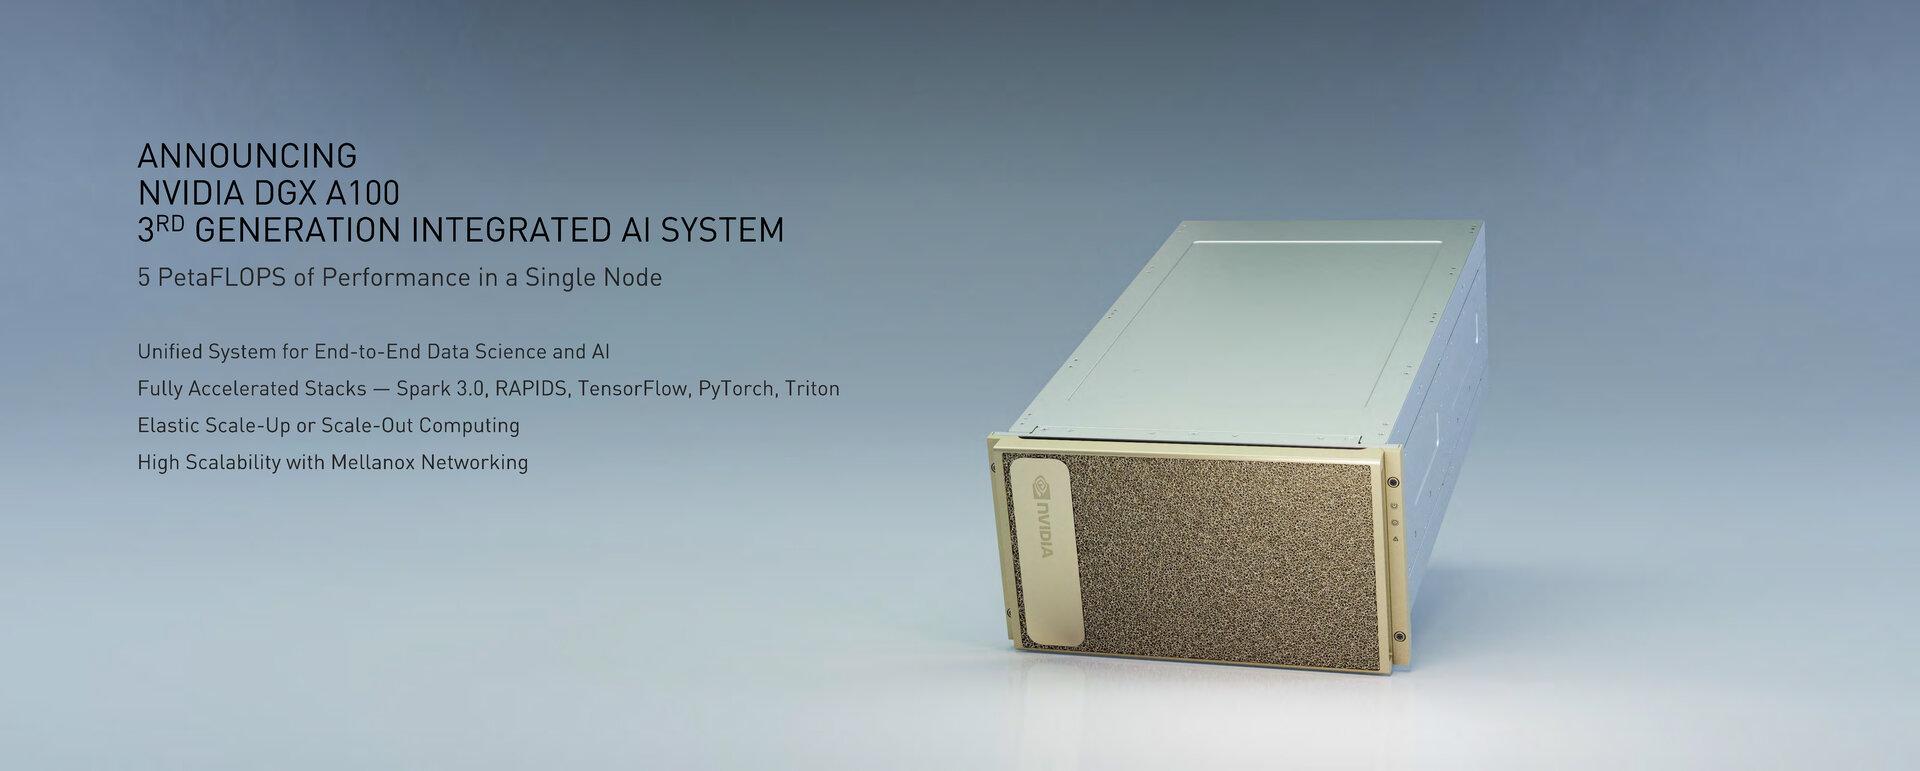 DGX A100 liefert 5 PetaFLOPS FP16